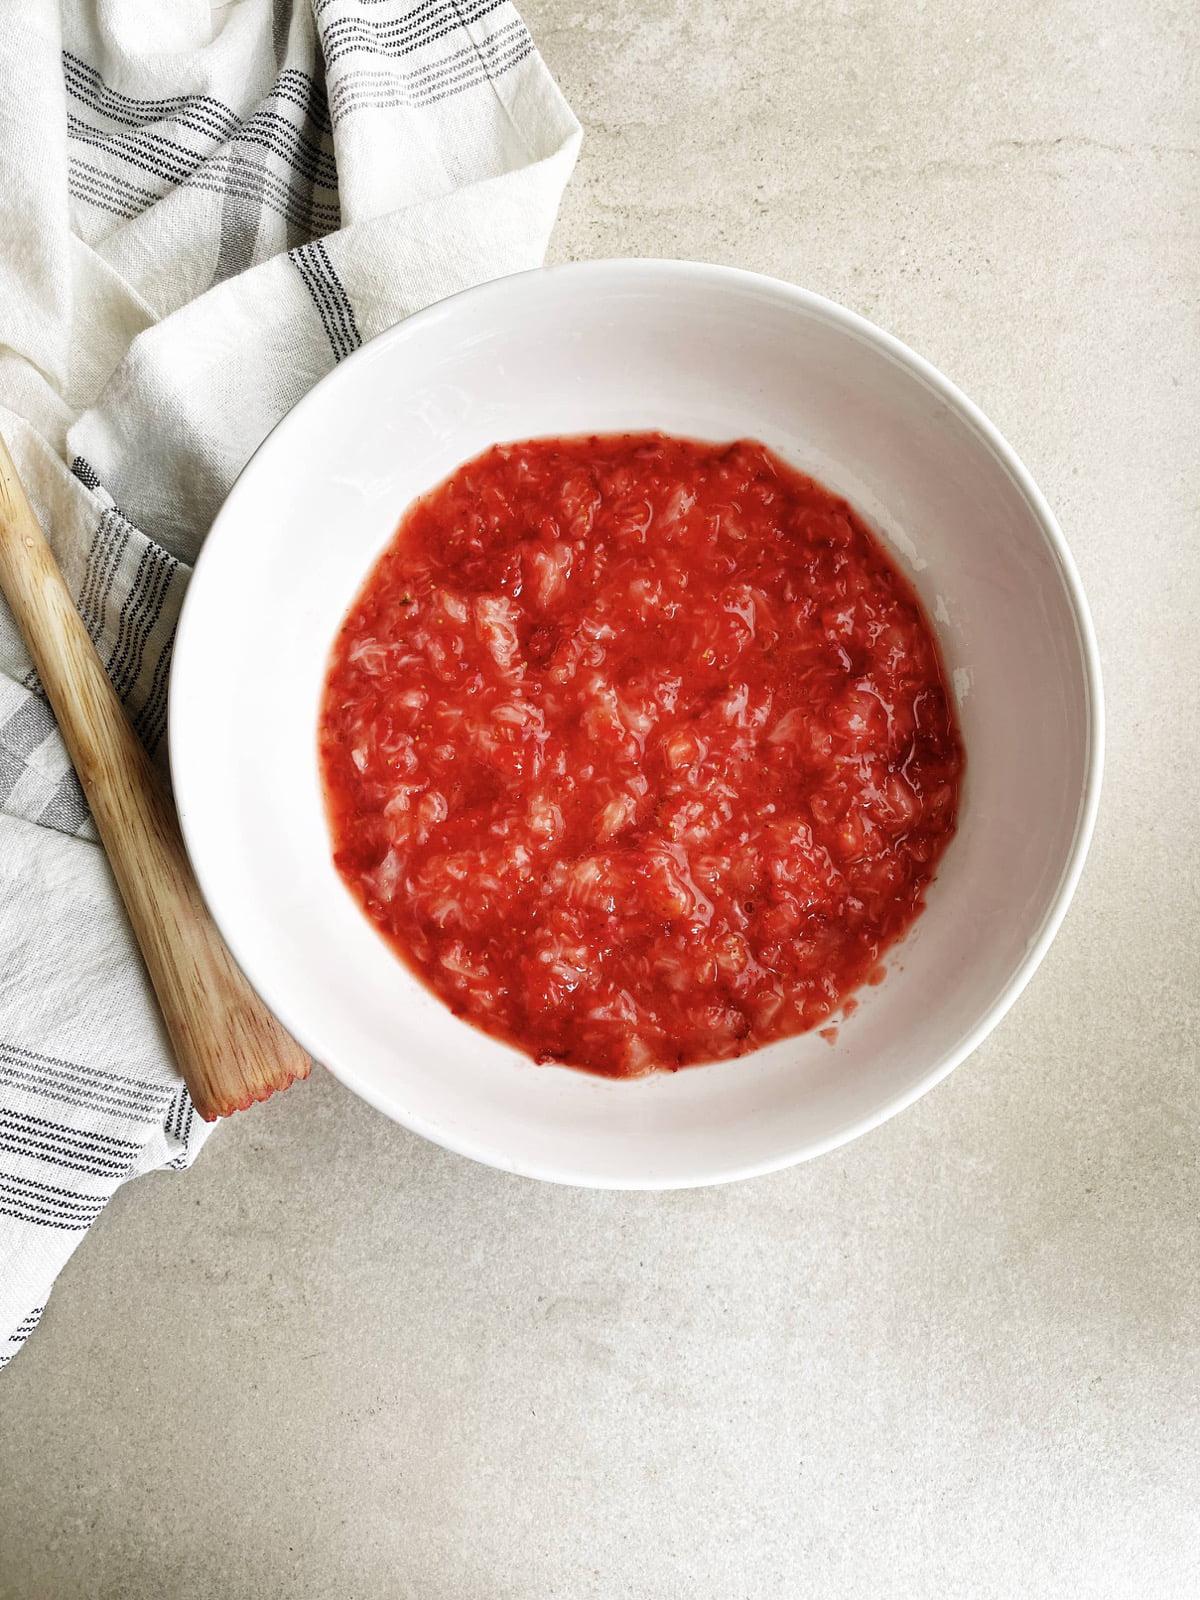 Preparing strawberry for jam